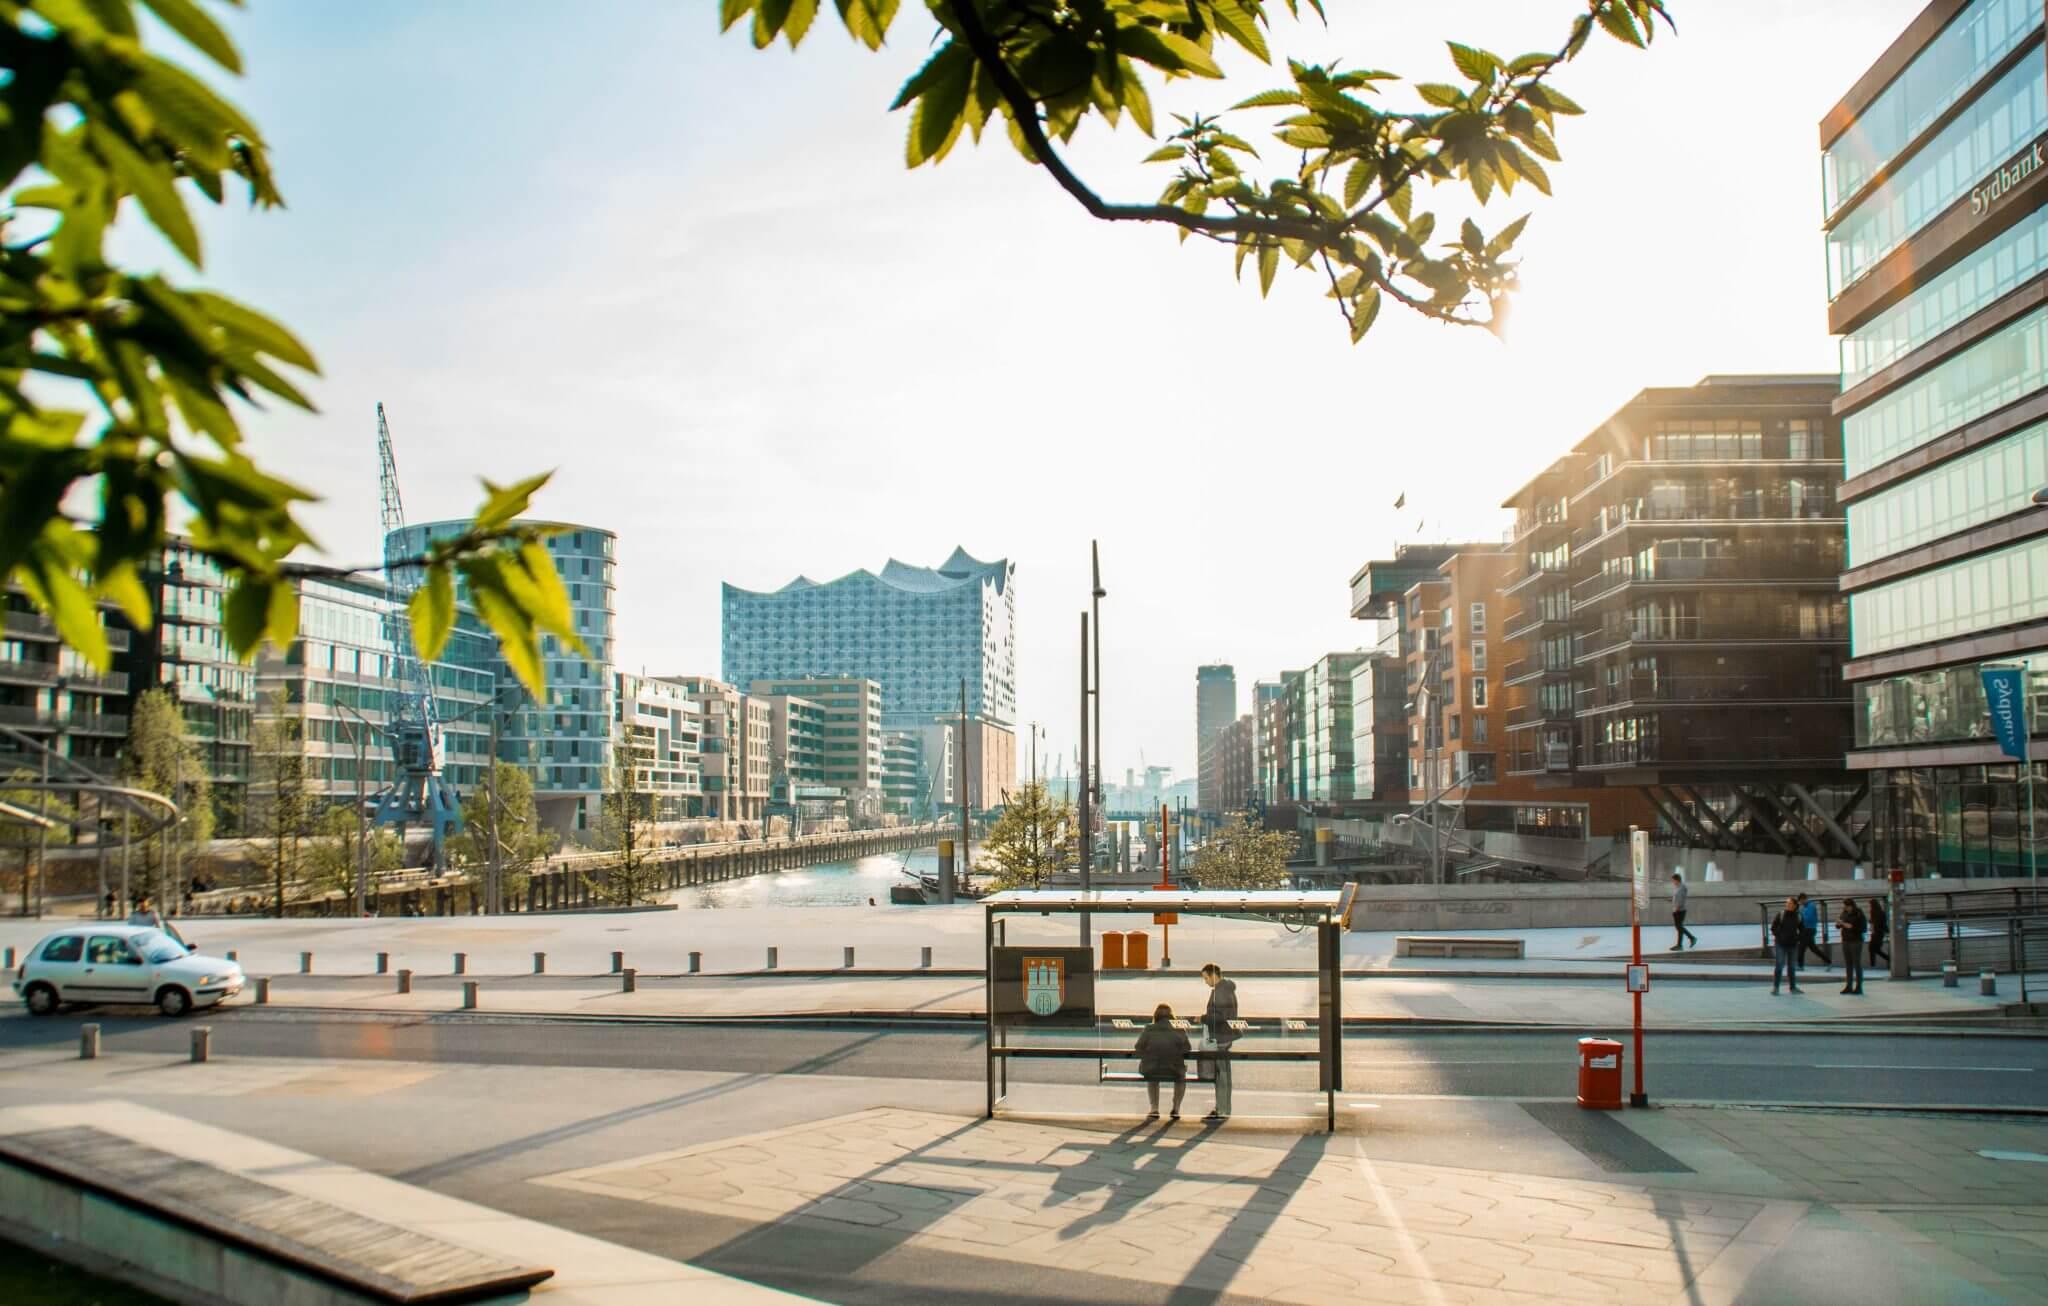 Ein Bild von der Hafencity in Hamburg mit Blick auf die Elbphilharmonie